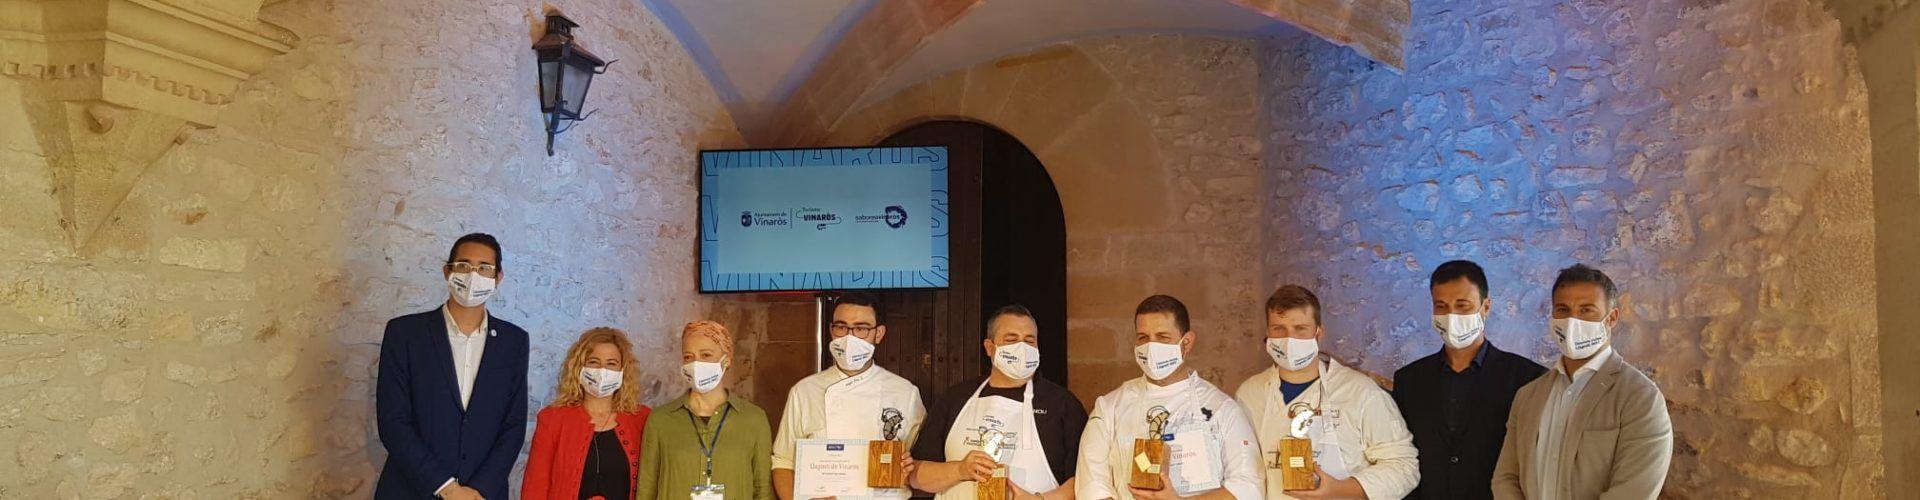 El Nou Bar guanya el XVIII Concurs de Cuina Aplicada al Llagostí de Vinaròs